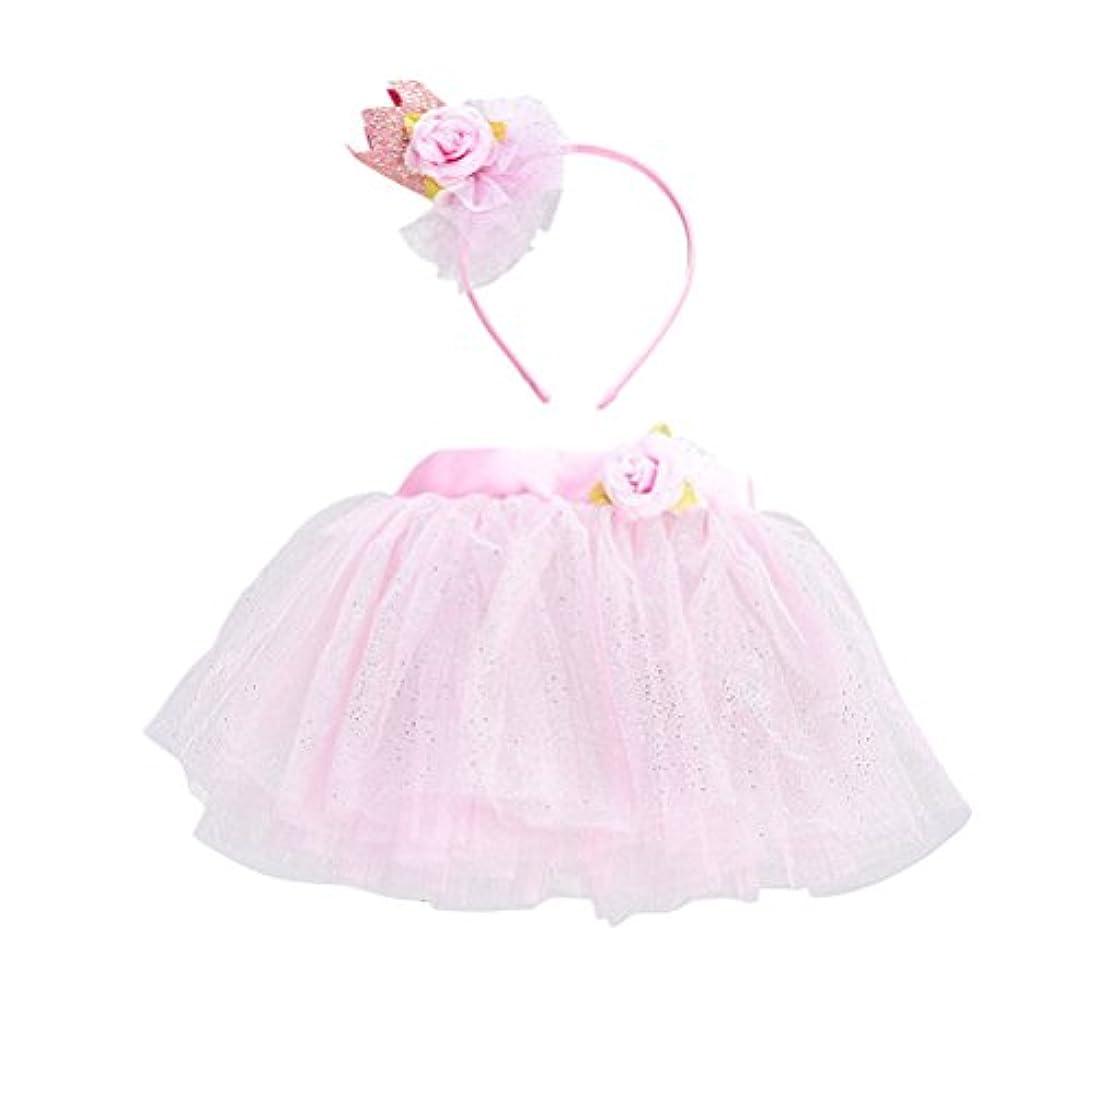 用心するぬいぐるみ投げ捨てるLUOEM 女の子TutuスカートセットヘッドバンドプリンセスガールTutu服装Baby Girls Birthday Outfit Set(ピンク)